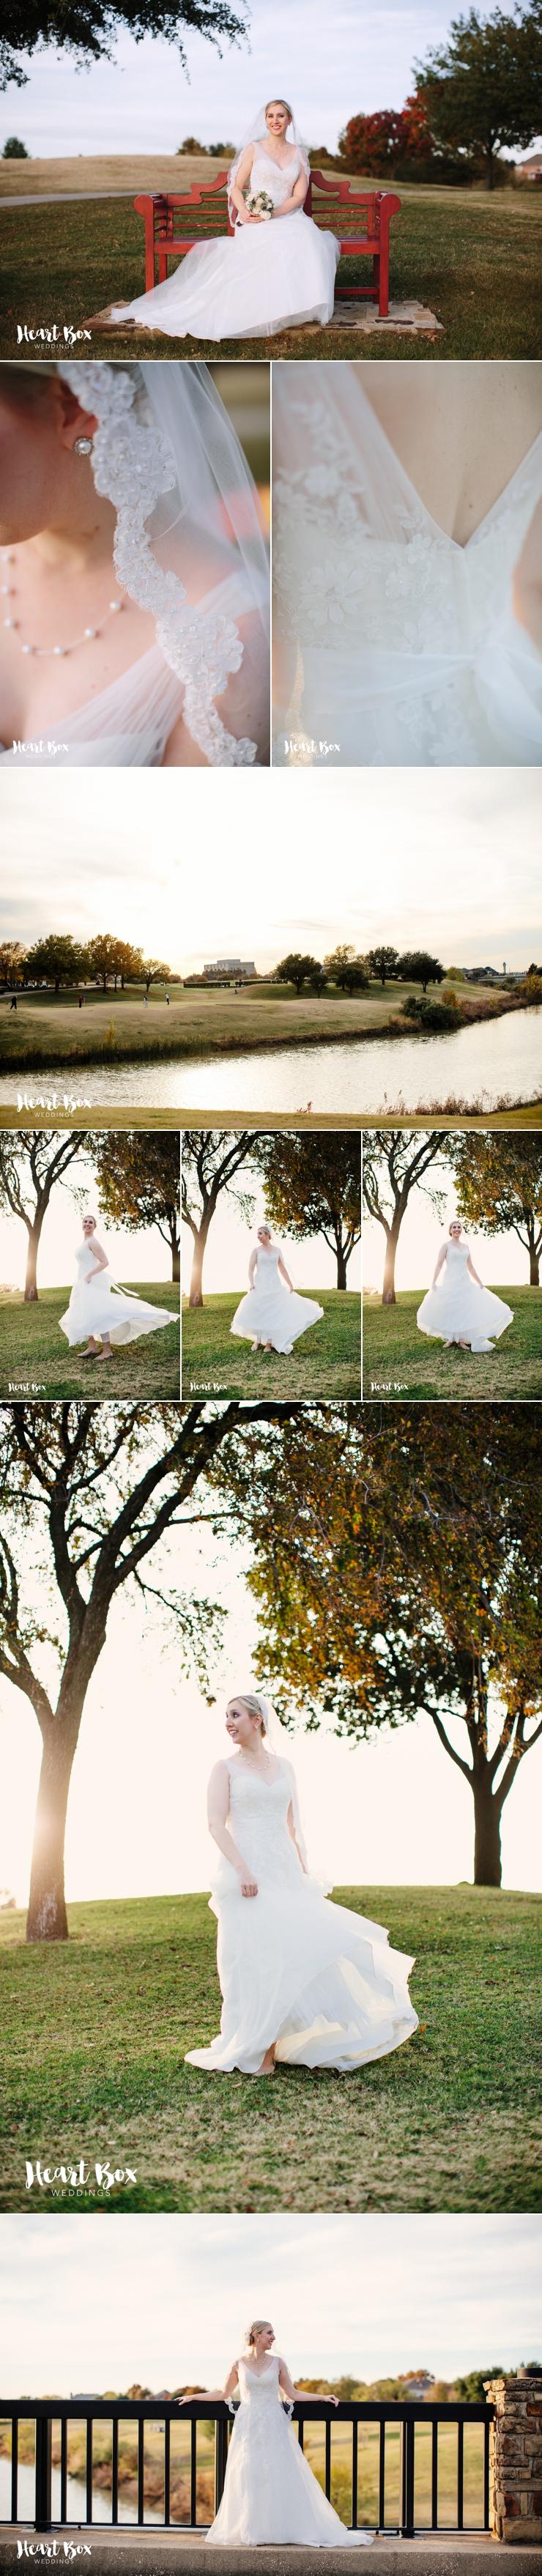 Elizabeth Bridal Blog Collages 3.jpg